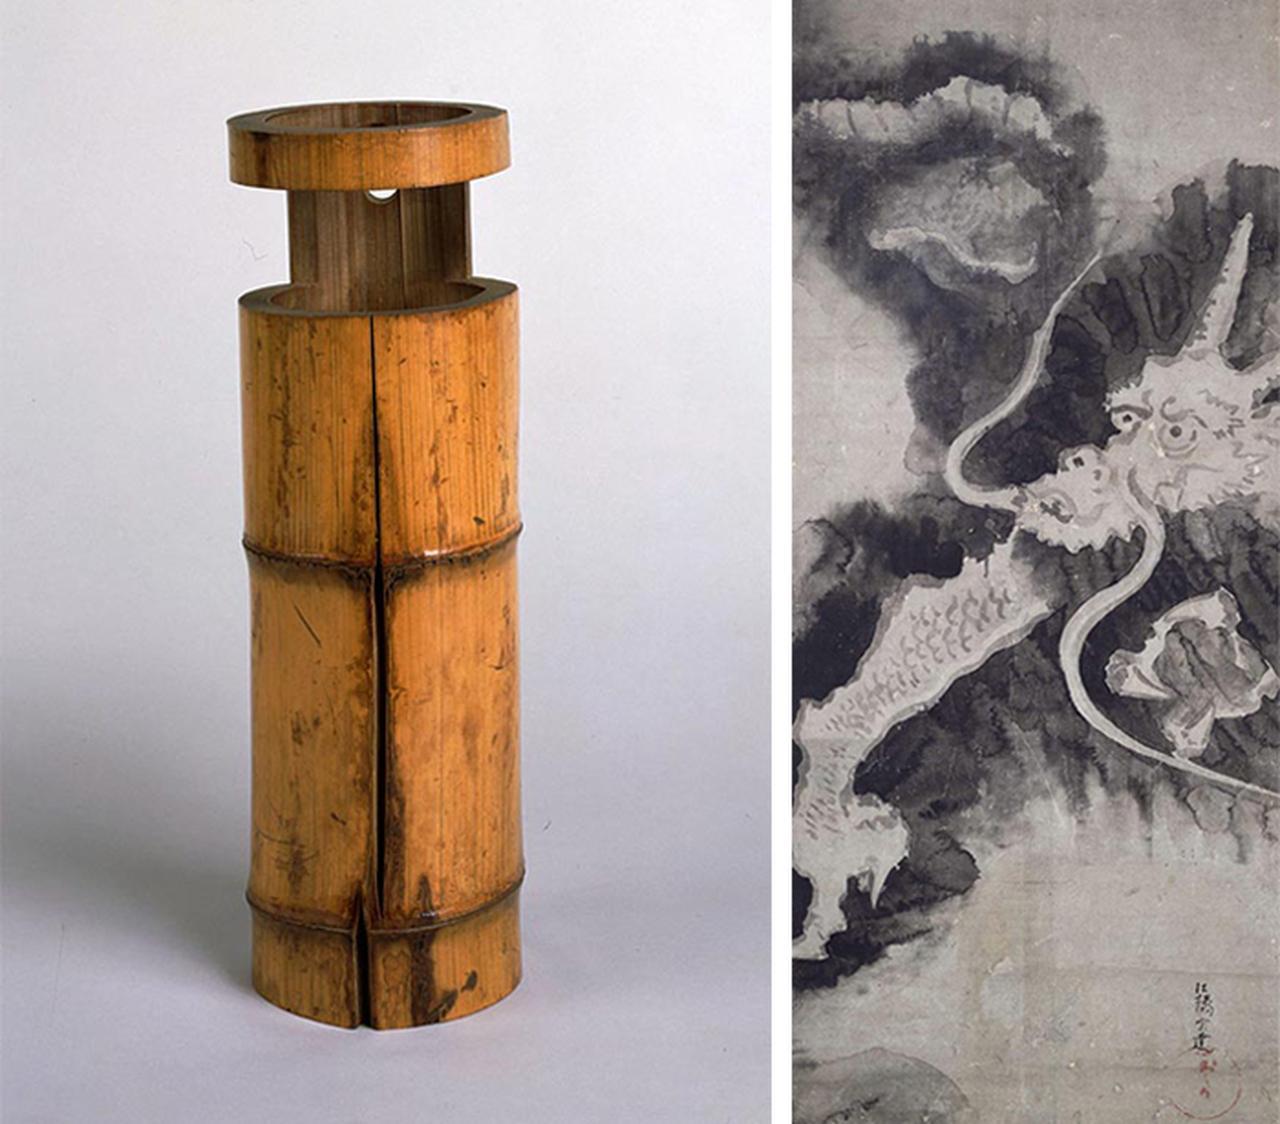 Images : 5番目の画像 - 「マルセル・デュシャンと 日本美術の意外な共通点」のアルバム - T JAPAN:The New York Times Style Magazine 公式サイト